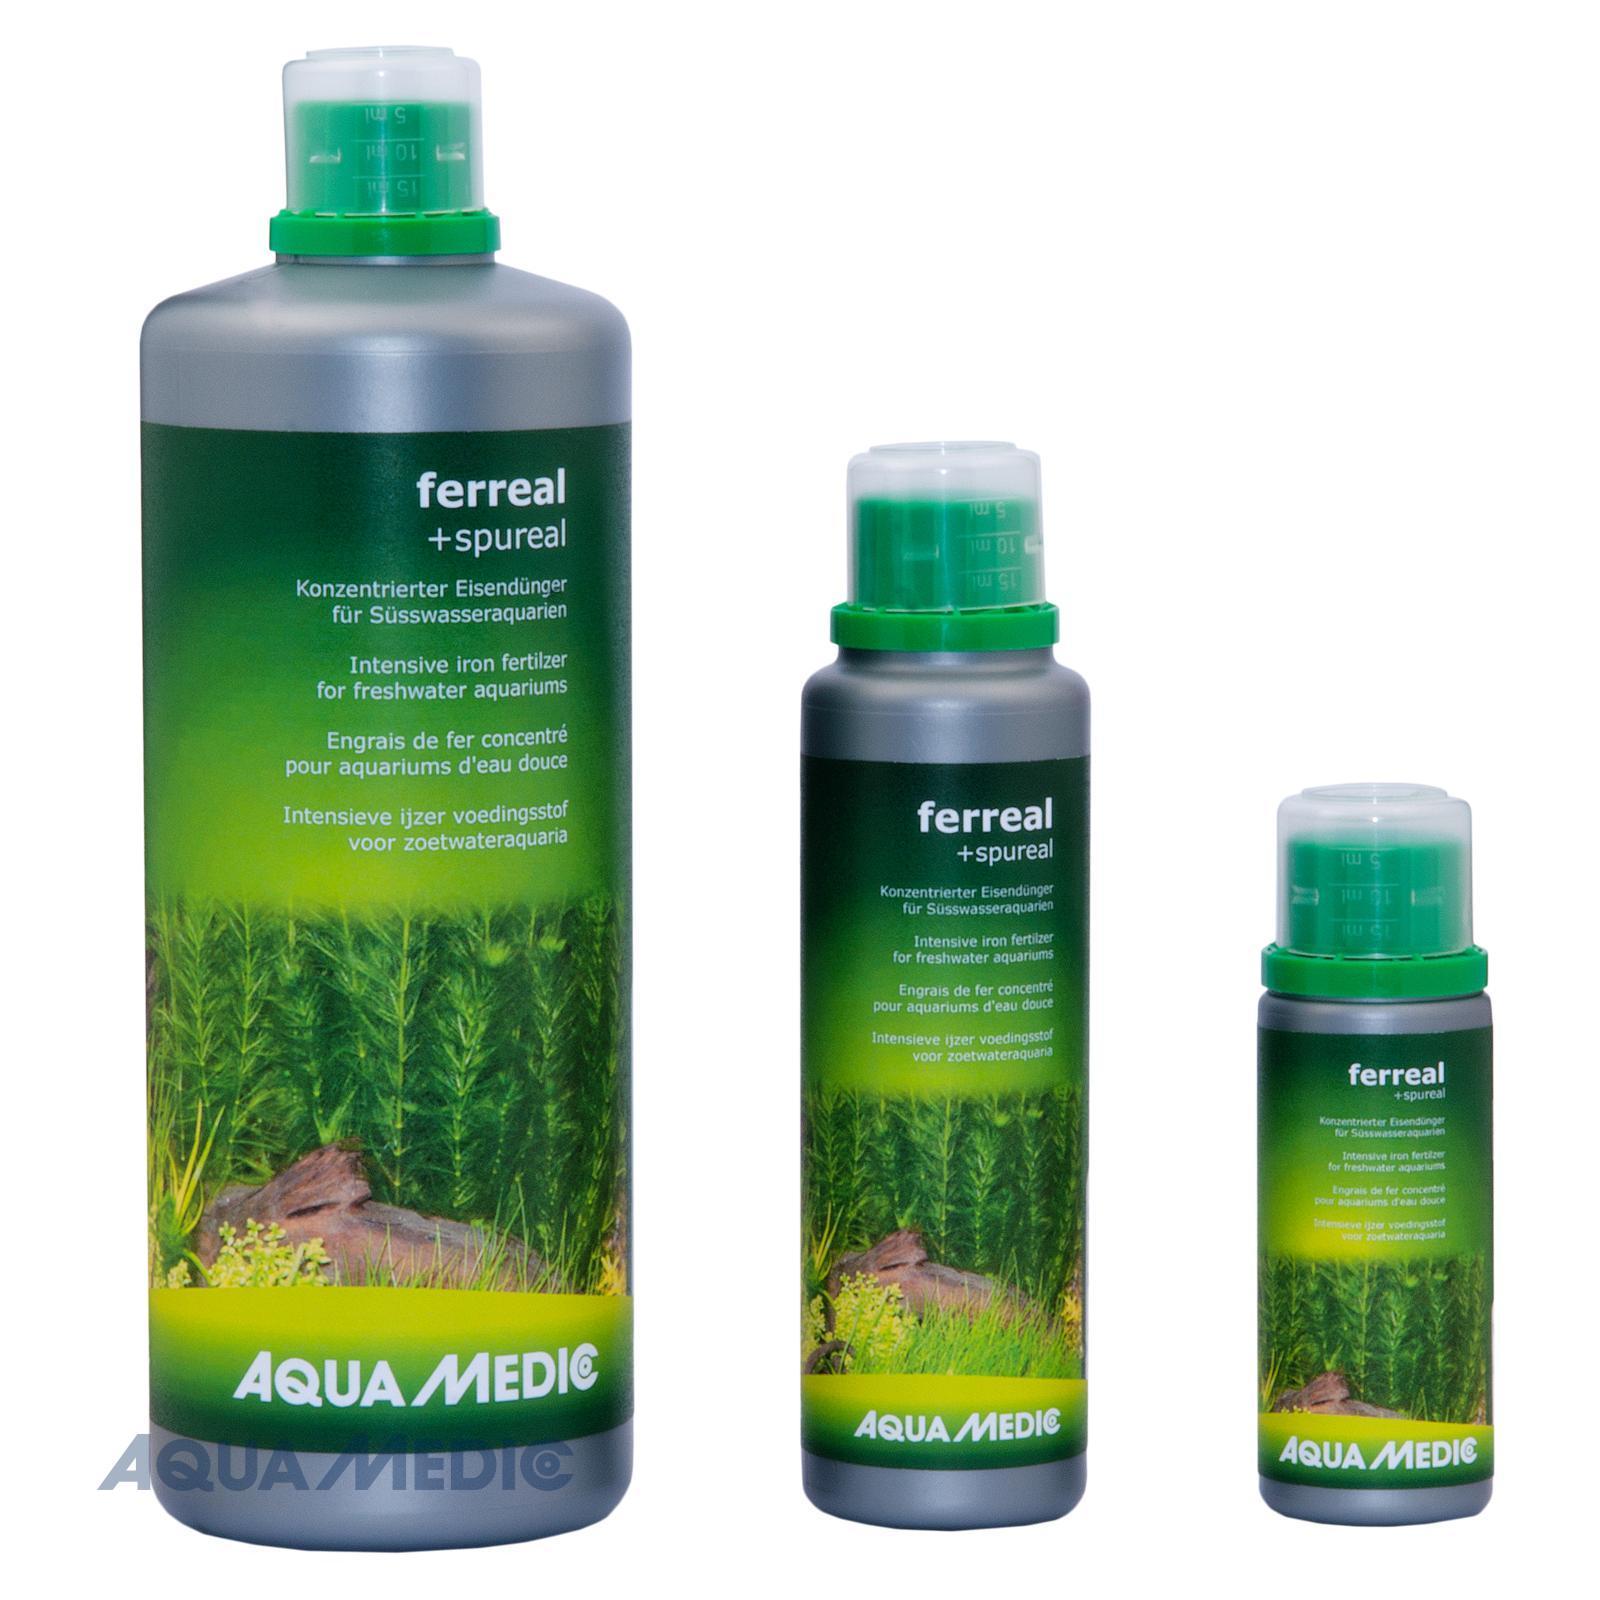 ferreal + spureal 100 ml - Konzentrierter Eisendünger für Süßwasseraquarien